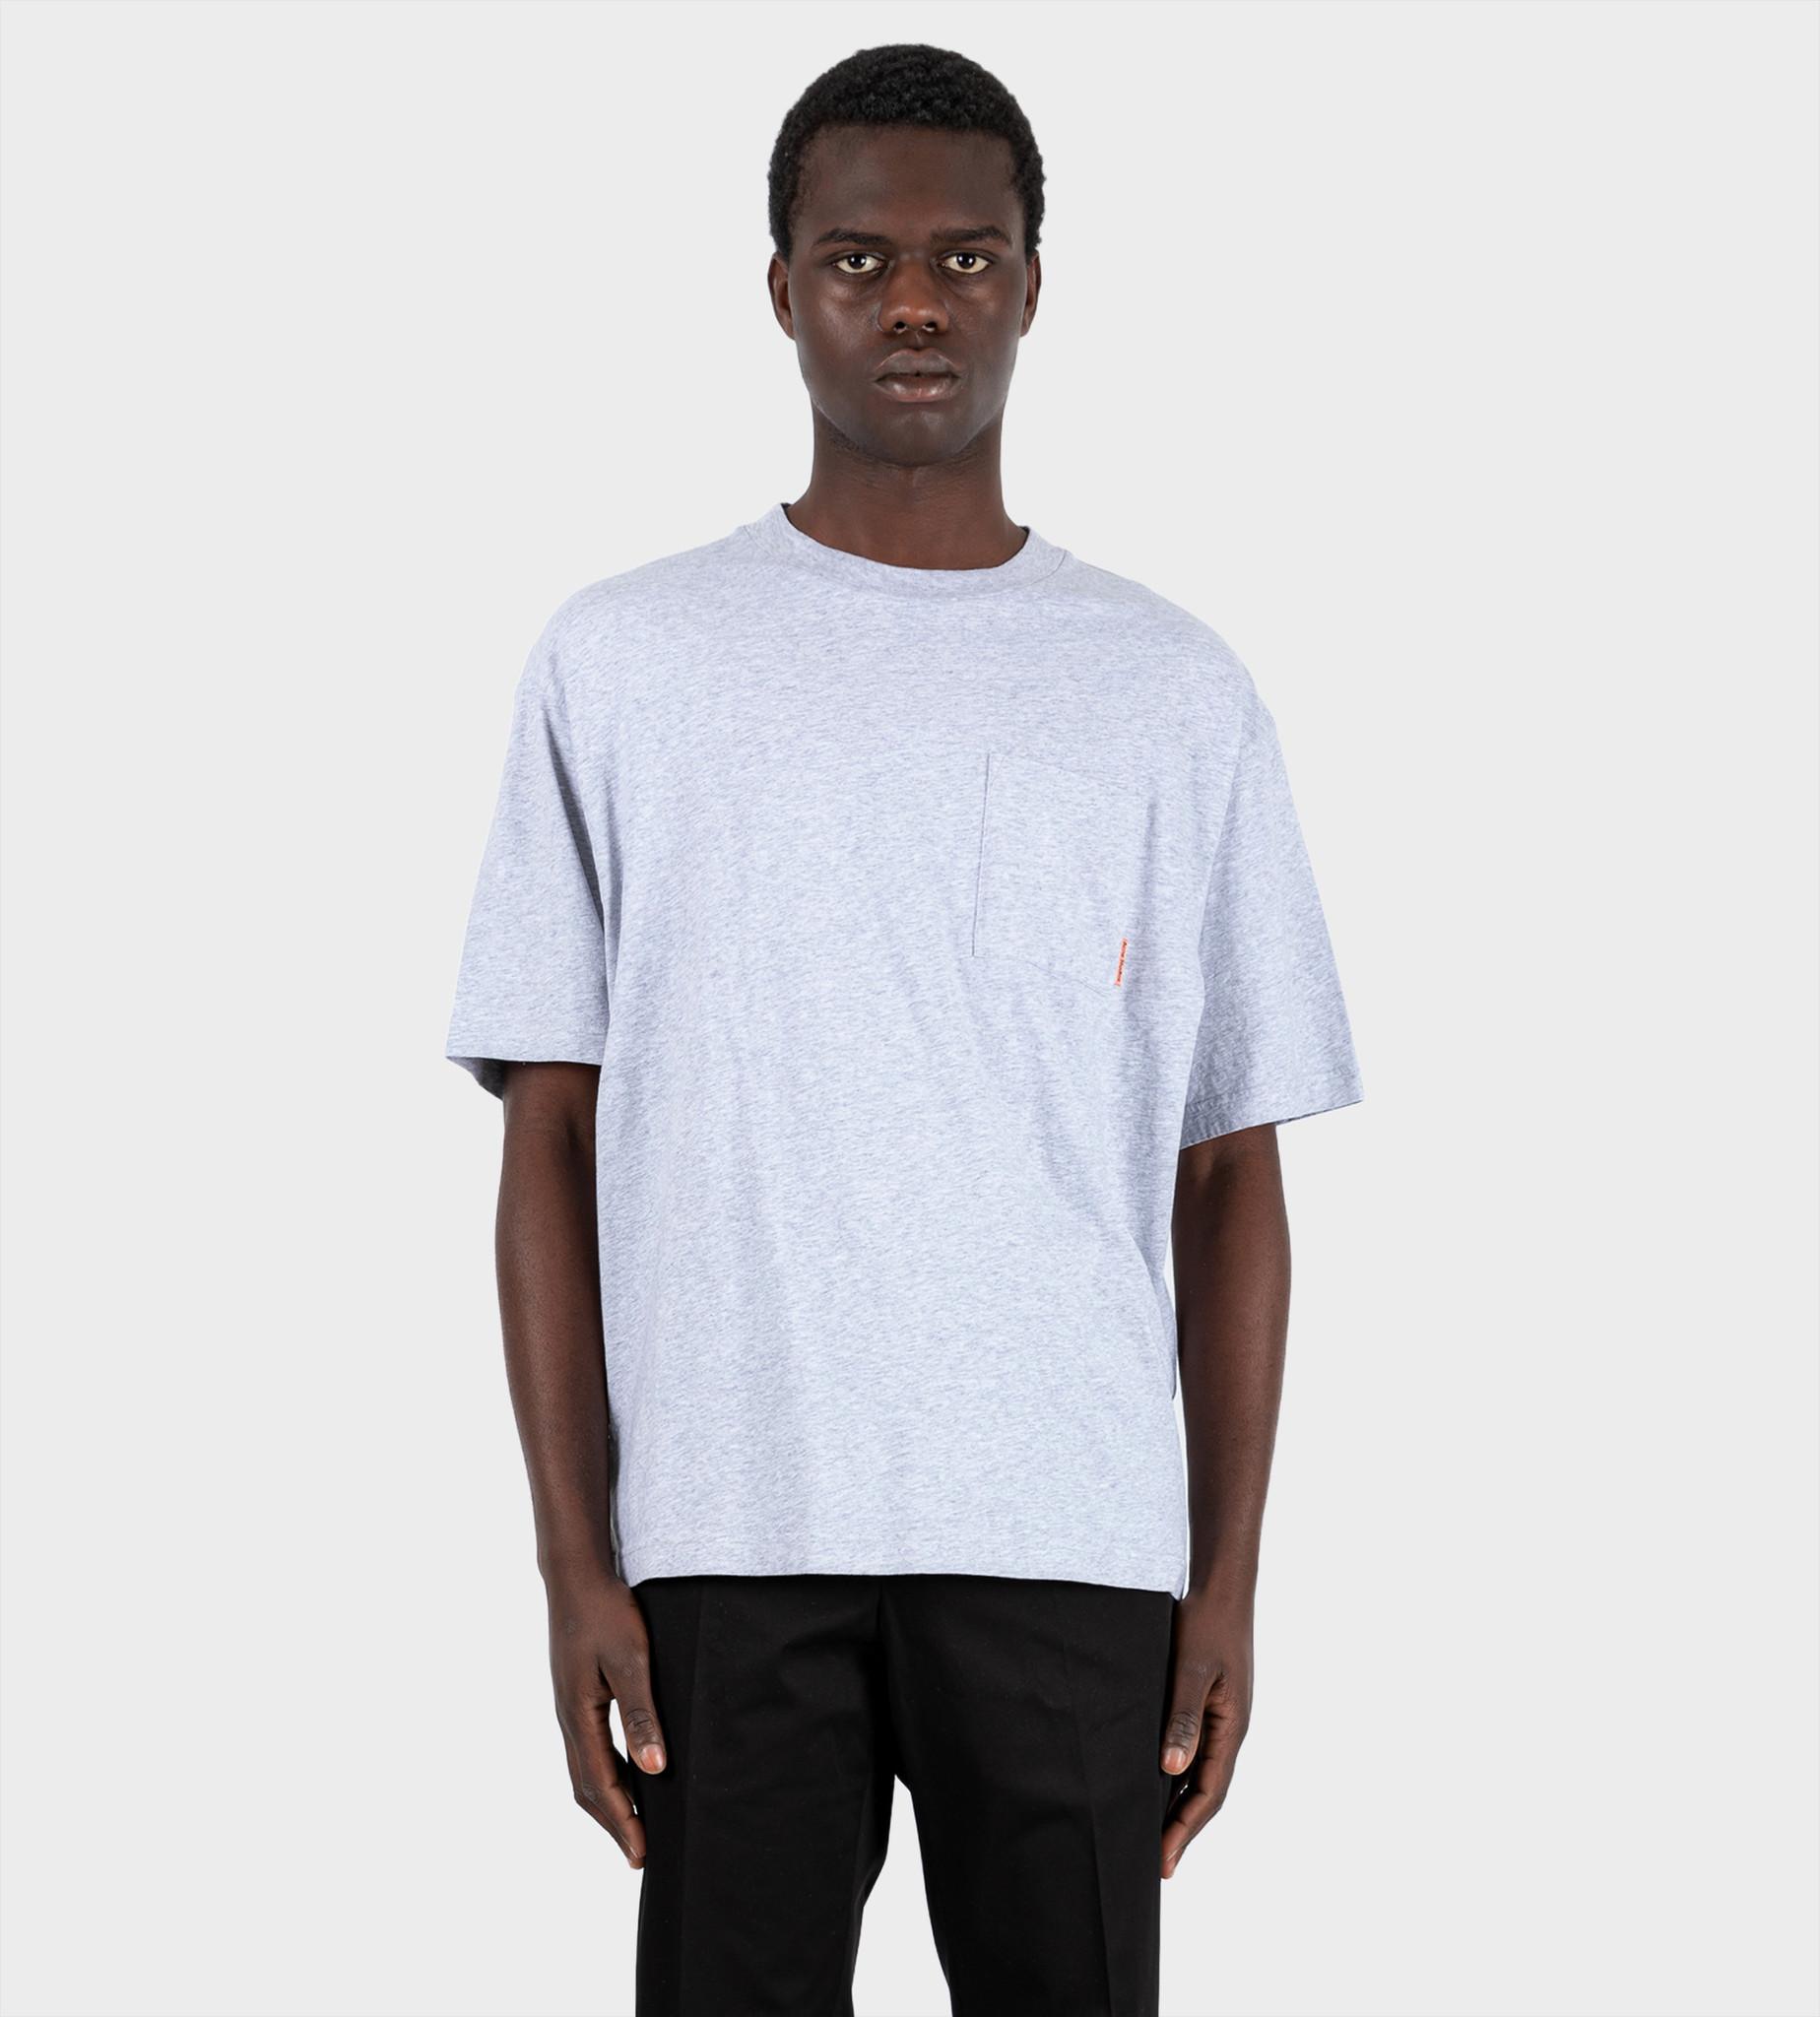 ACNE STUDIOS Pocket T-shirt Pale Grey Melange